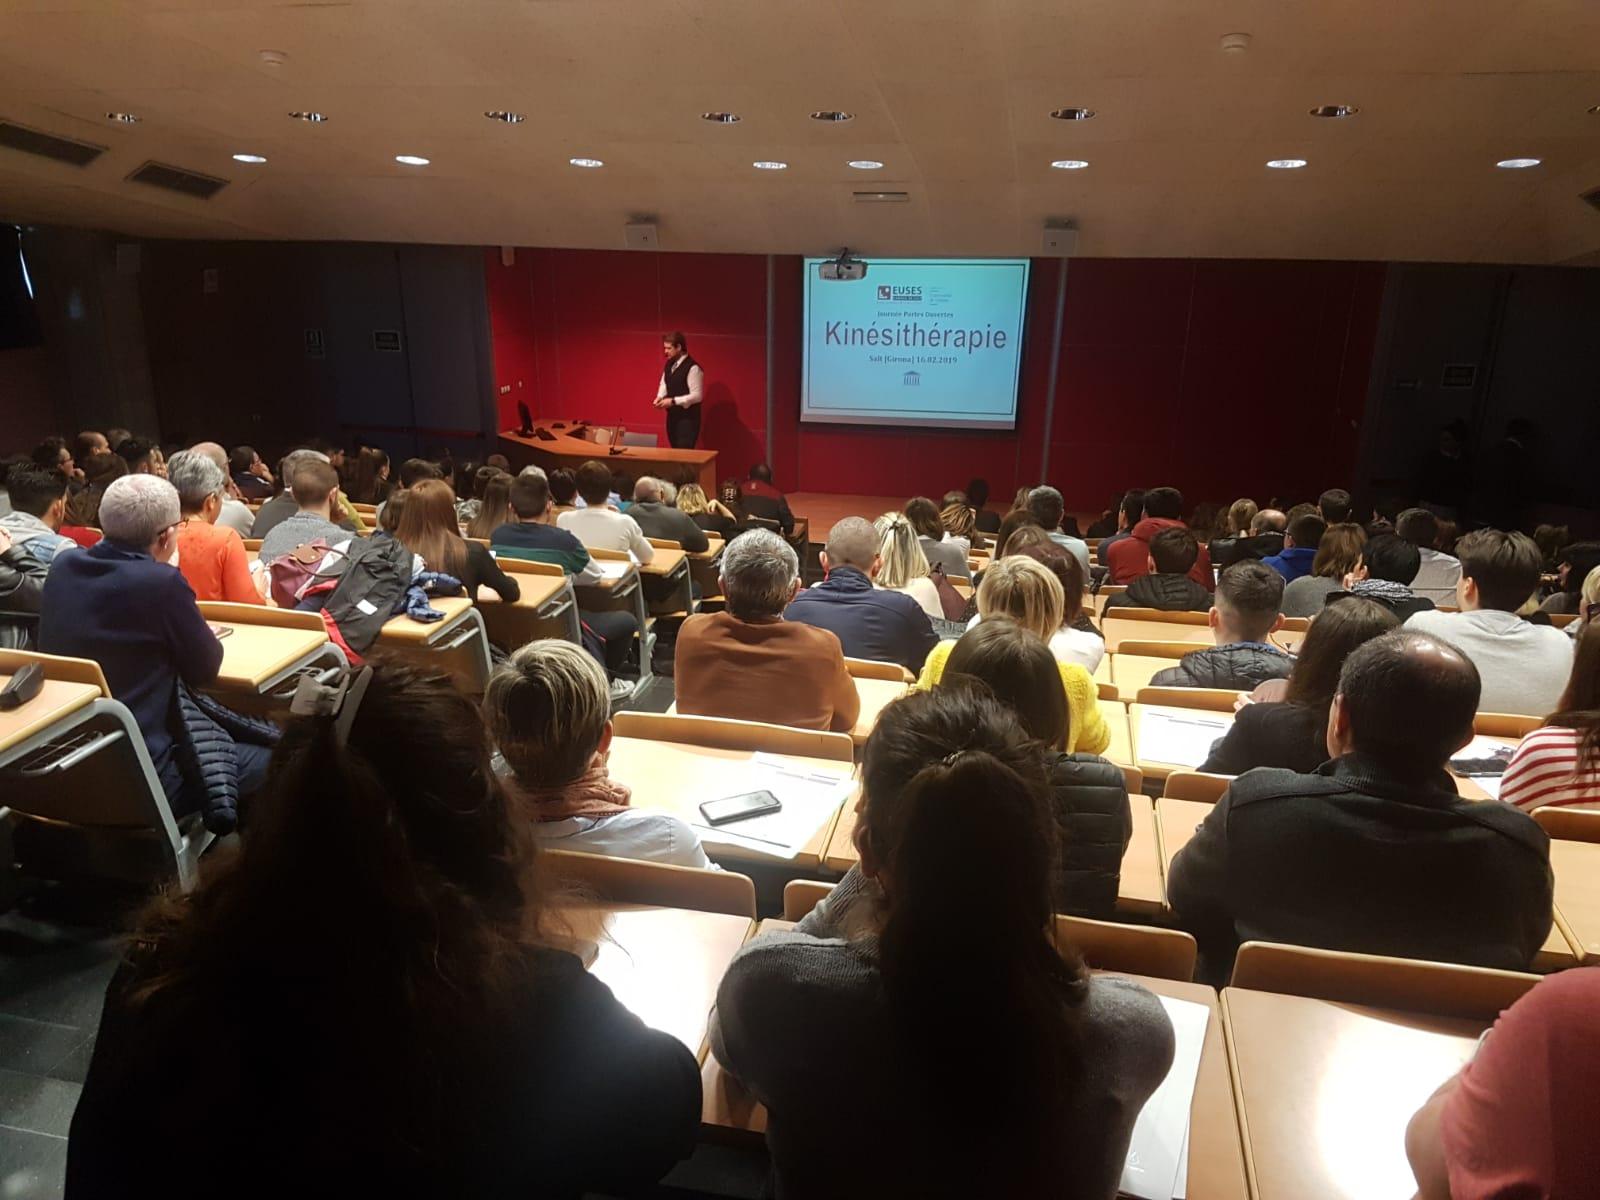 Èxit d'assistència en la jornada de portes obertes del Grau en Fisioteràpia a l'Escola Univeristària de la Salut i l'Esport en el Campus de Salt